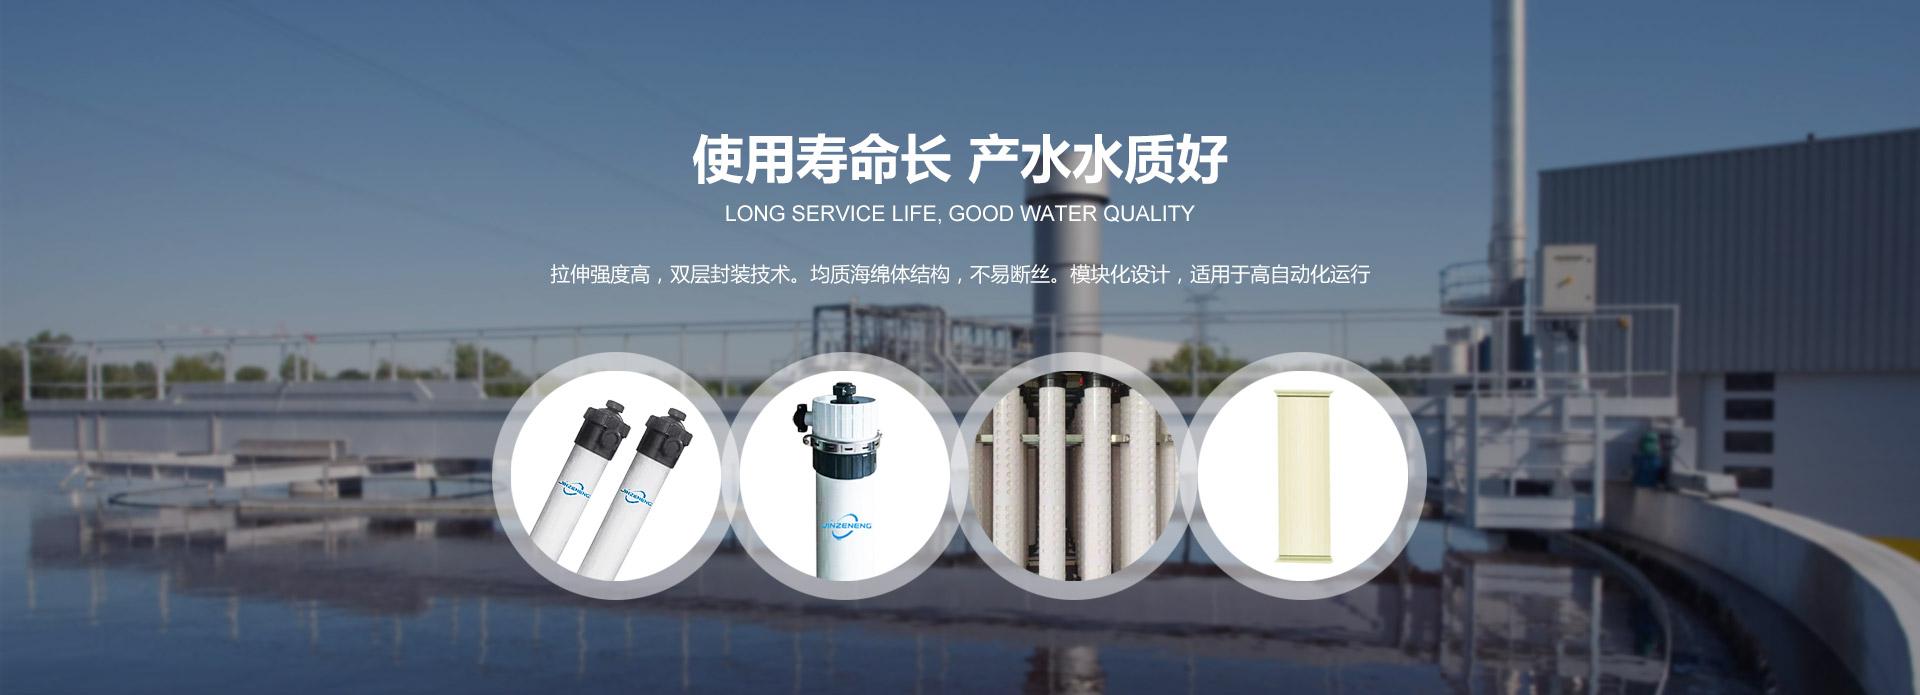 烟台超滤mbr膜 使用寿命长 产水水质好-山东金泽能膜